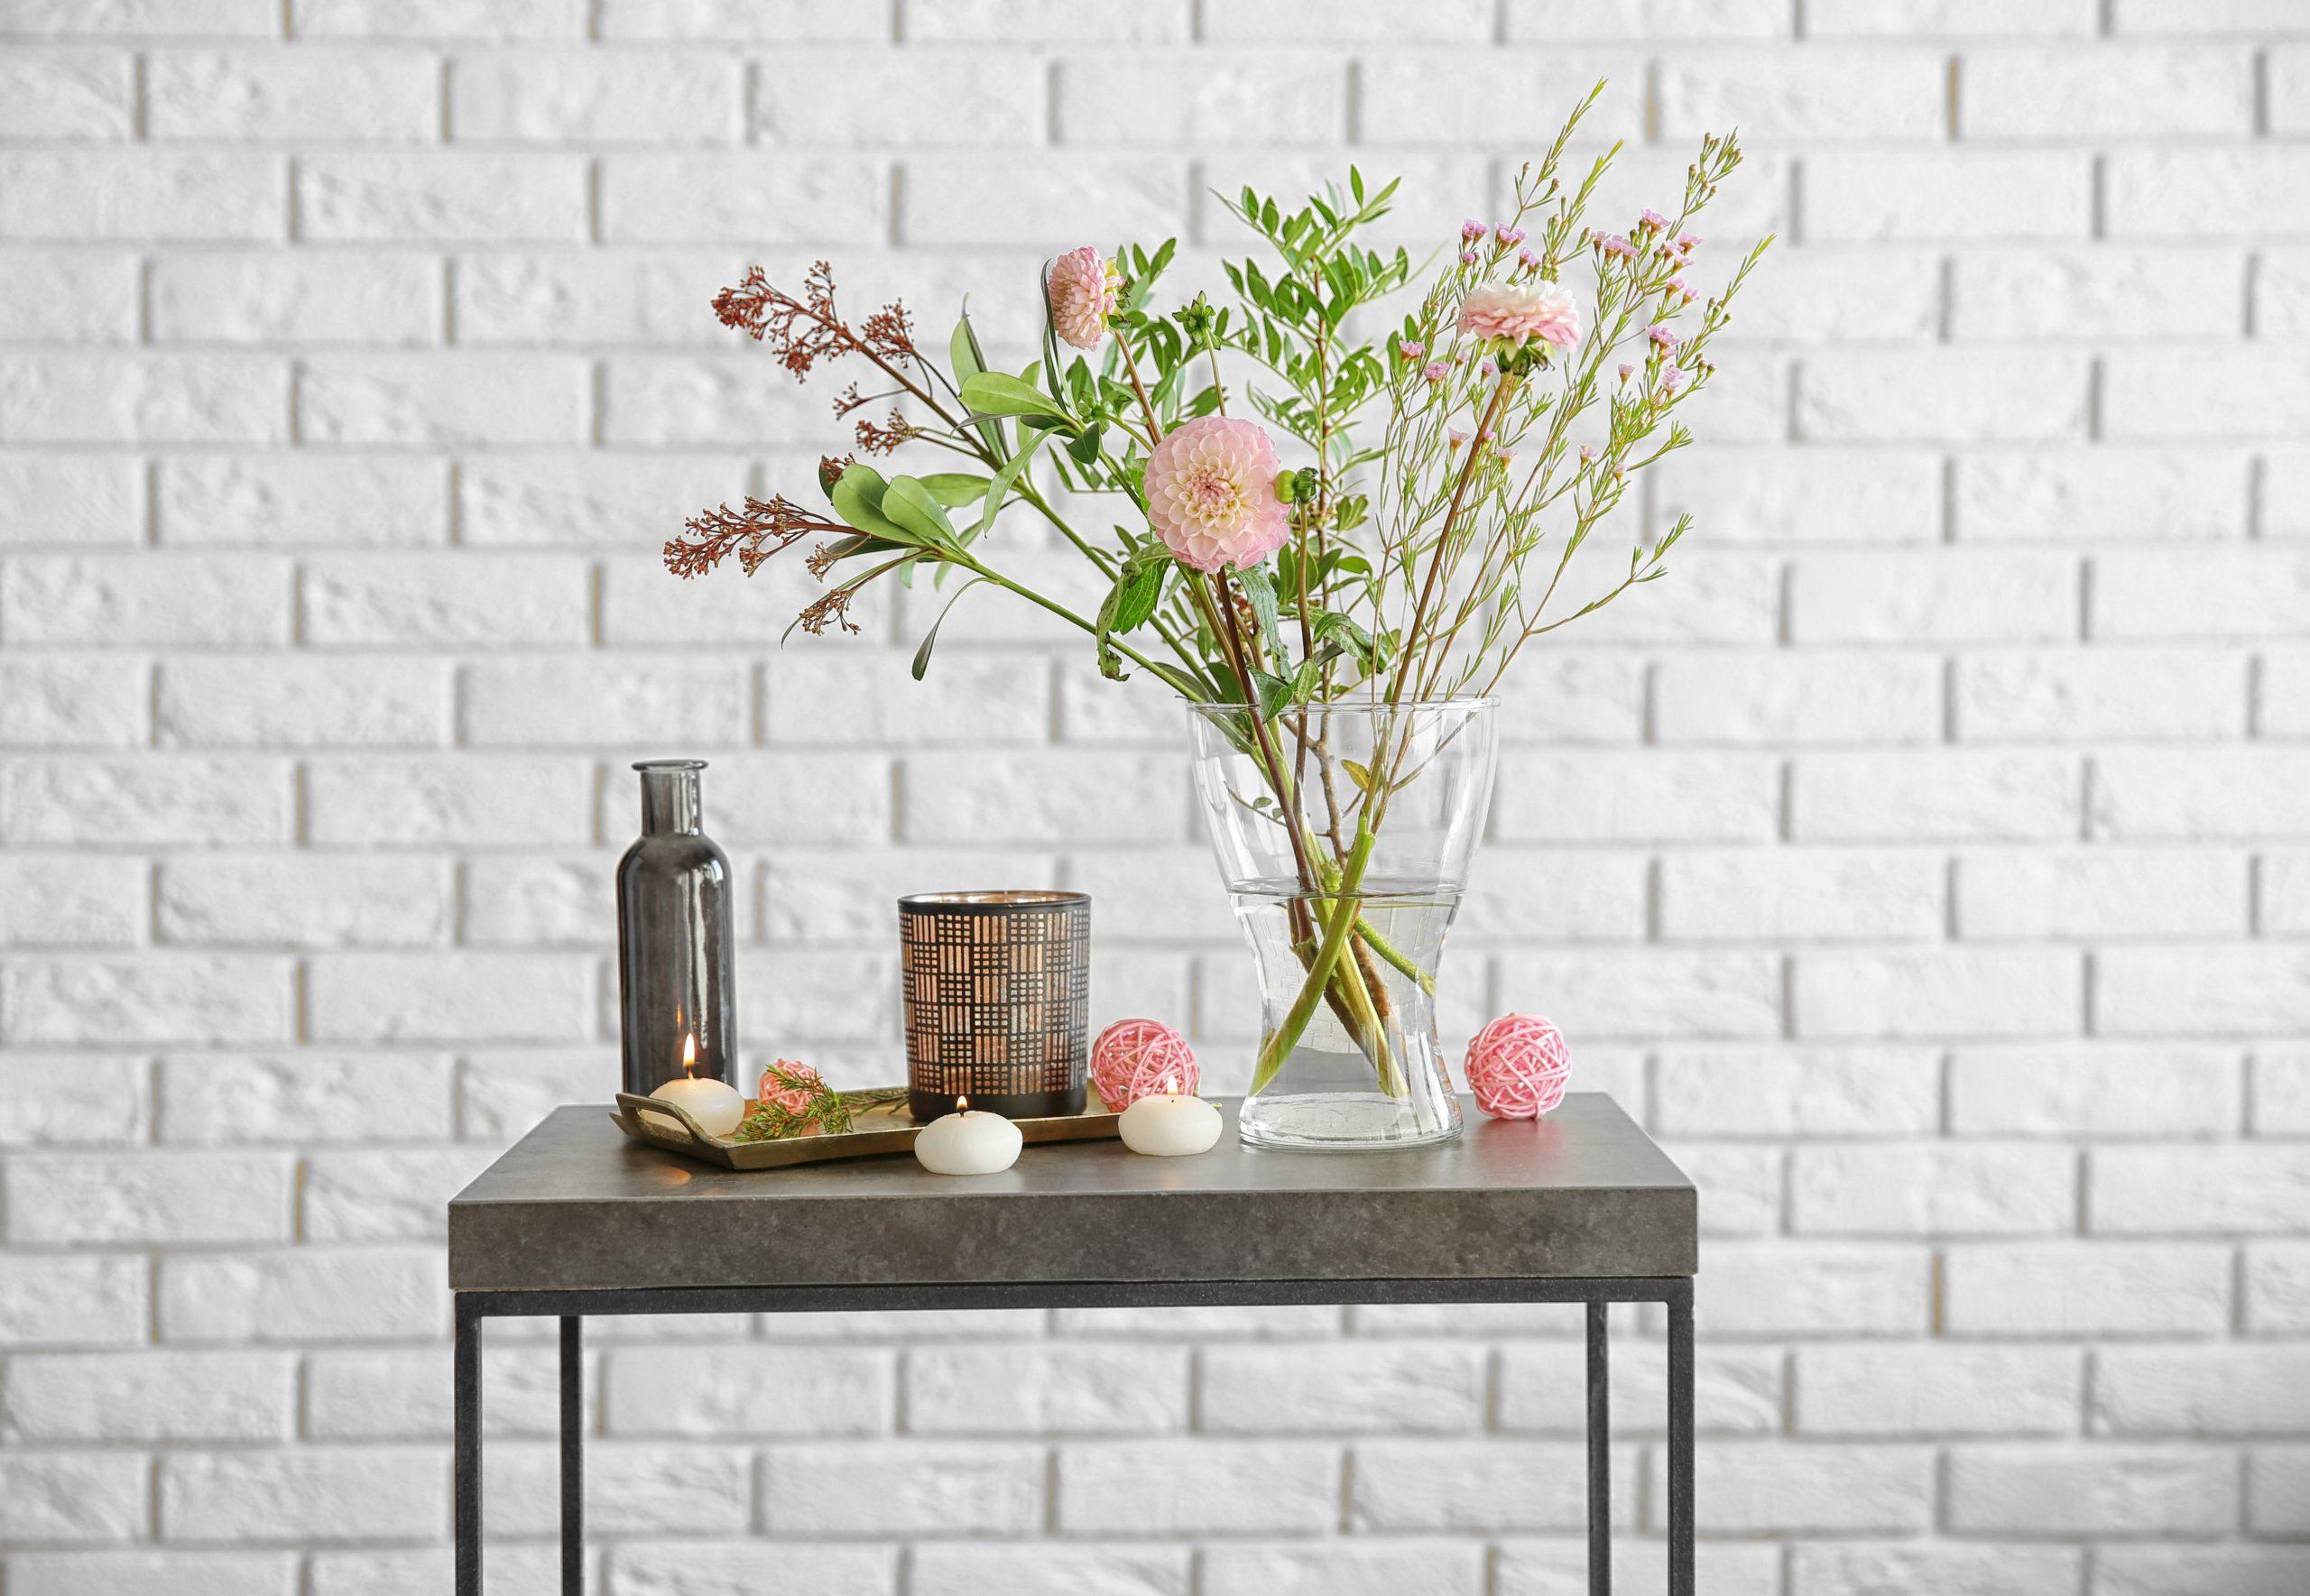 Les 5 raisons pour lesquelles avoir des fleurs ou des plantes chez soi, ça change tout !